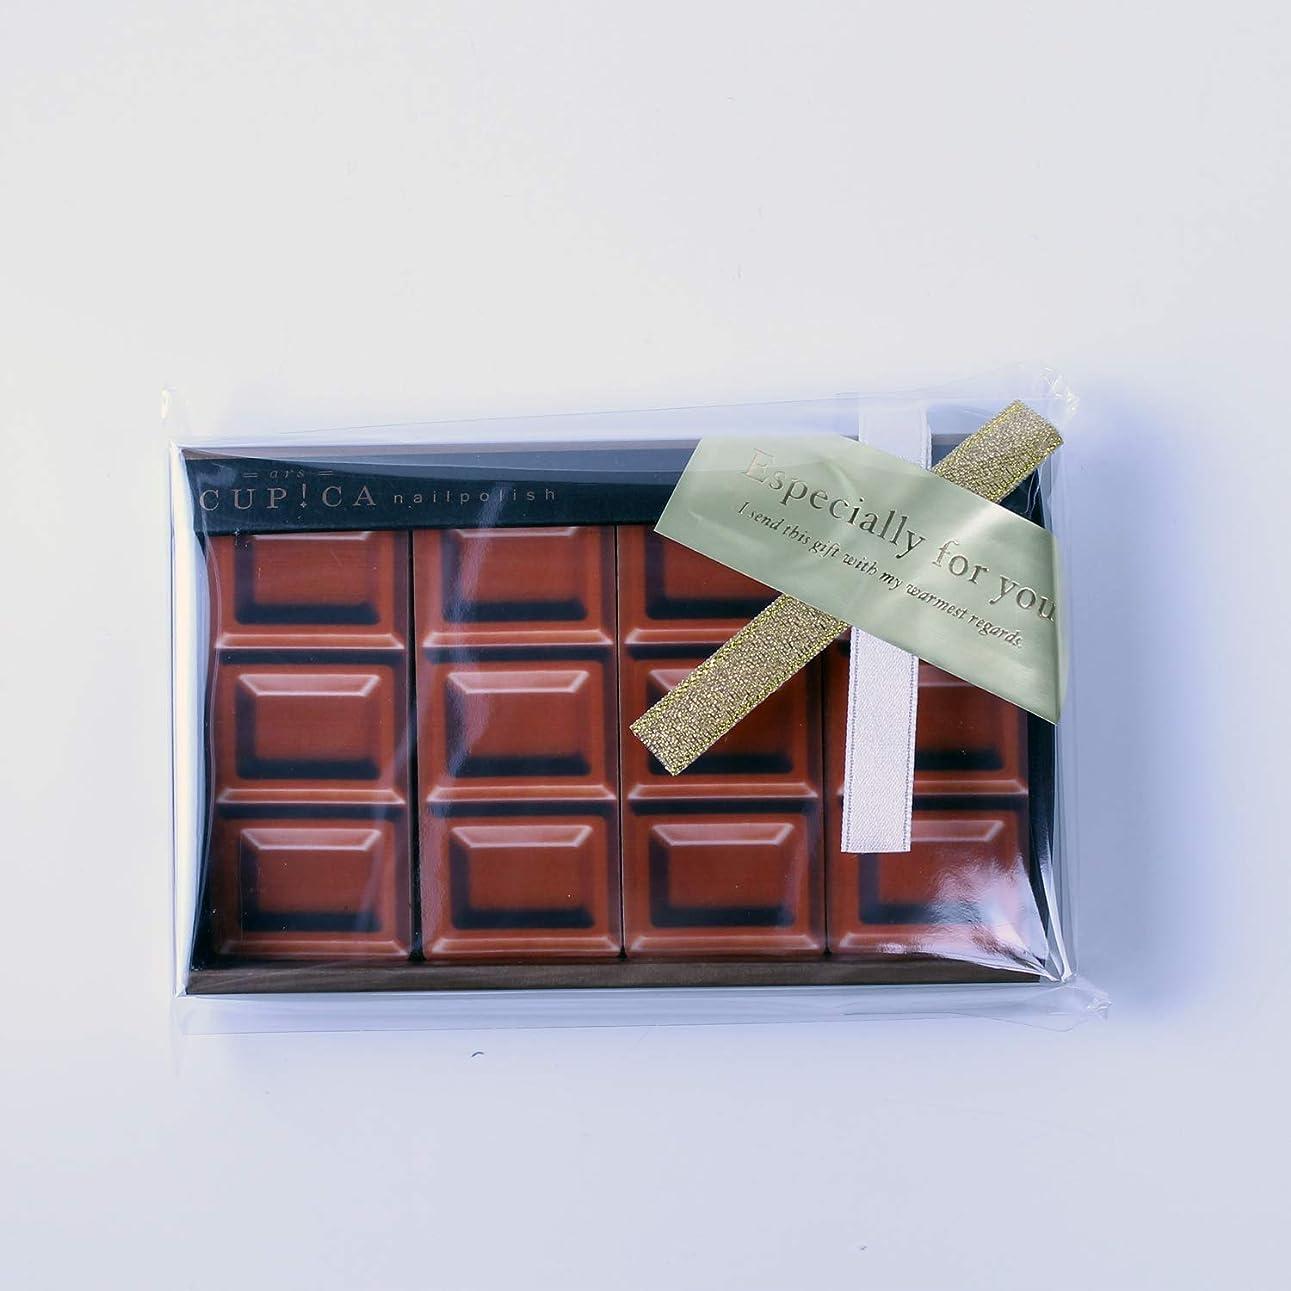 取る放牧するオーロックバレンタイン ホワイトデー ギフト お餞別 チョコのような爪磨き おもしろグッズ アルスキュピカ チョコレート柄 ギフトシール付 クリアケース入